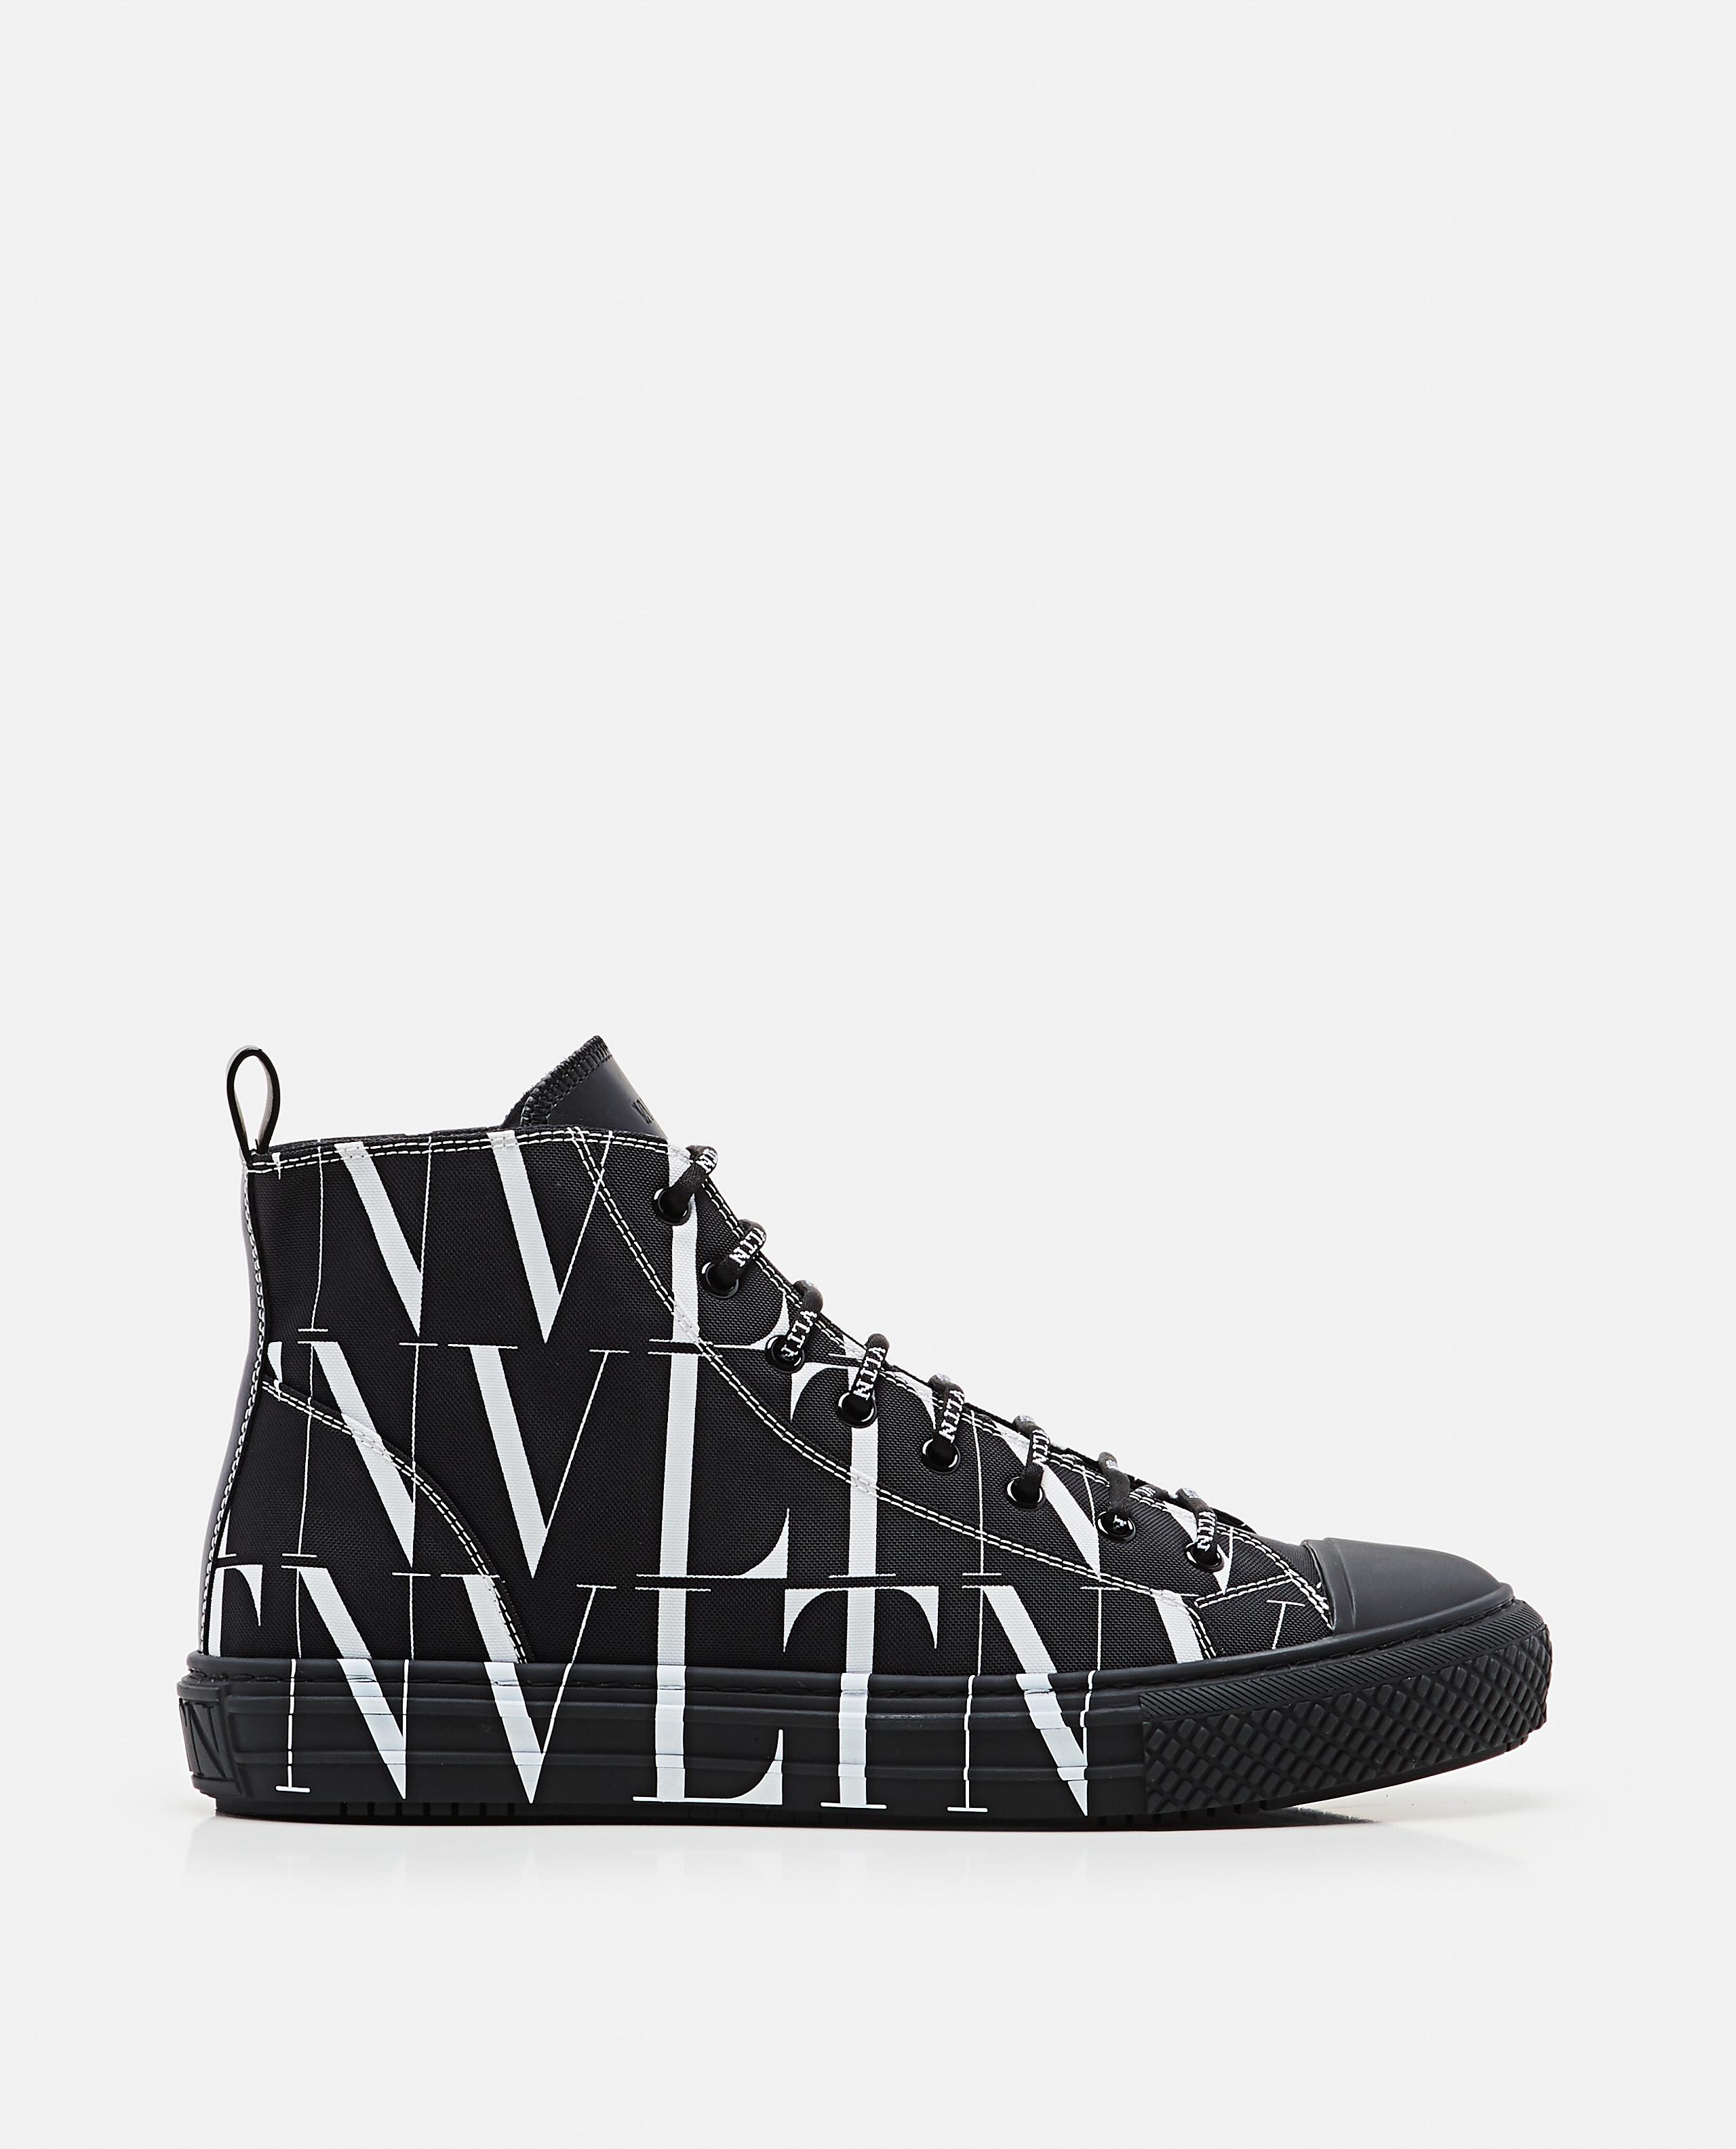 VLTN high black sneaker